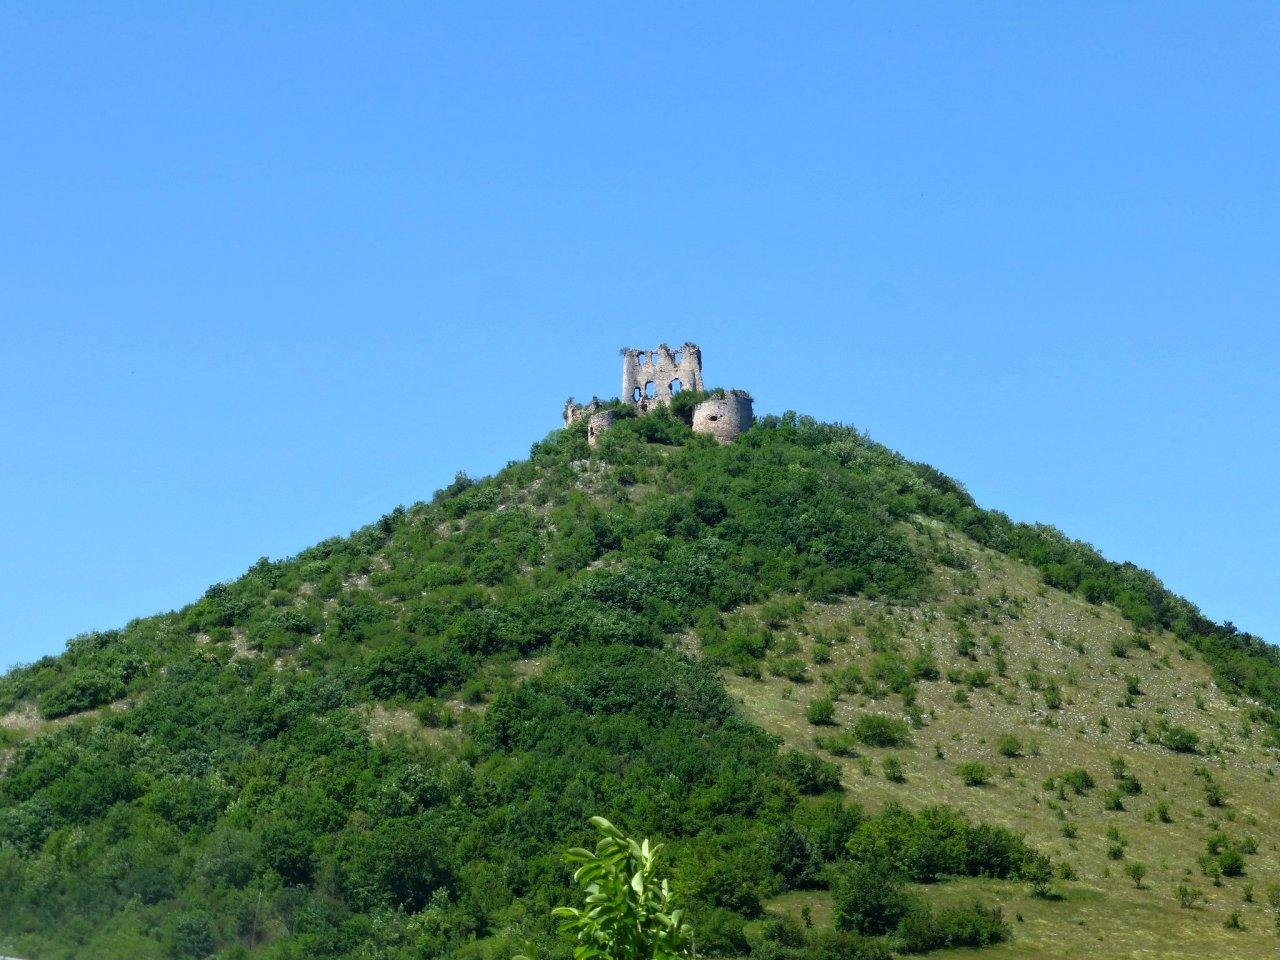 Turniansky hrad castle ruins, Kosice region, Slovakia